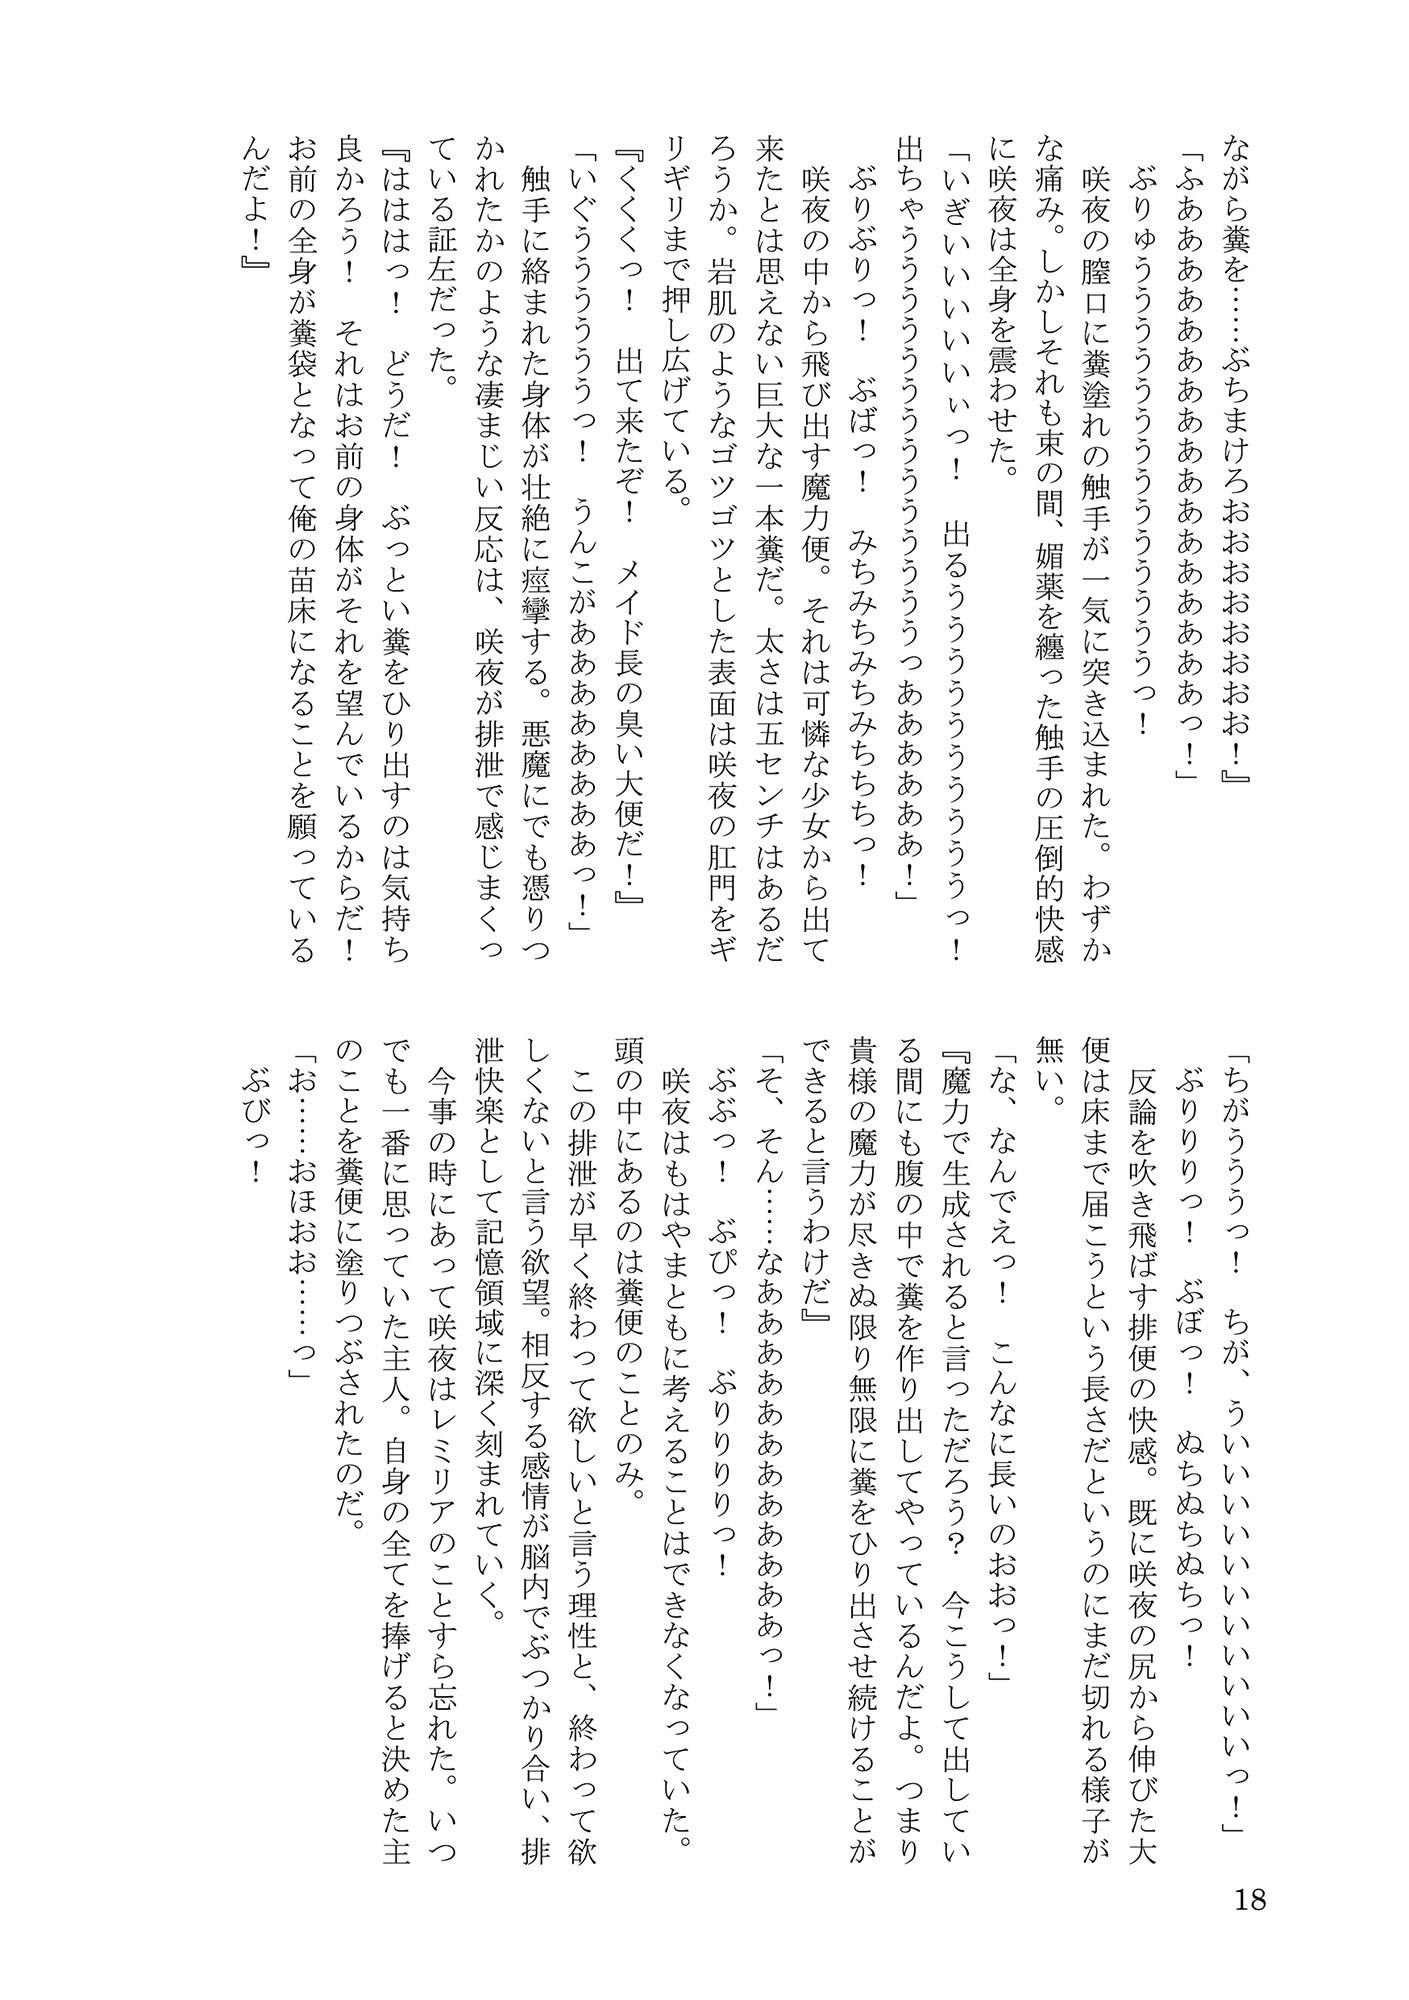 幻想スカトロハーレム〜紅魔館編〜